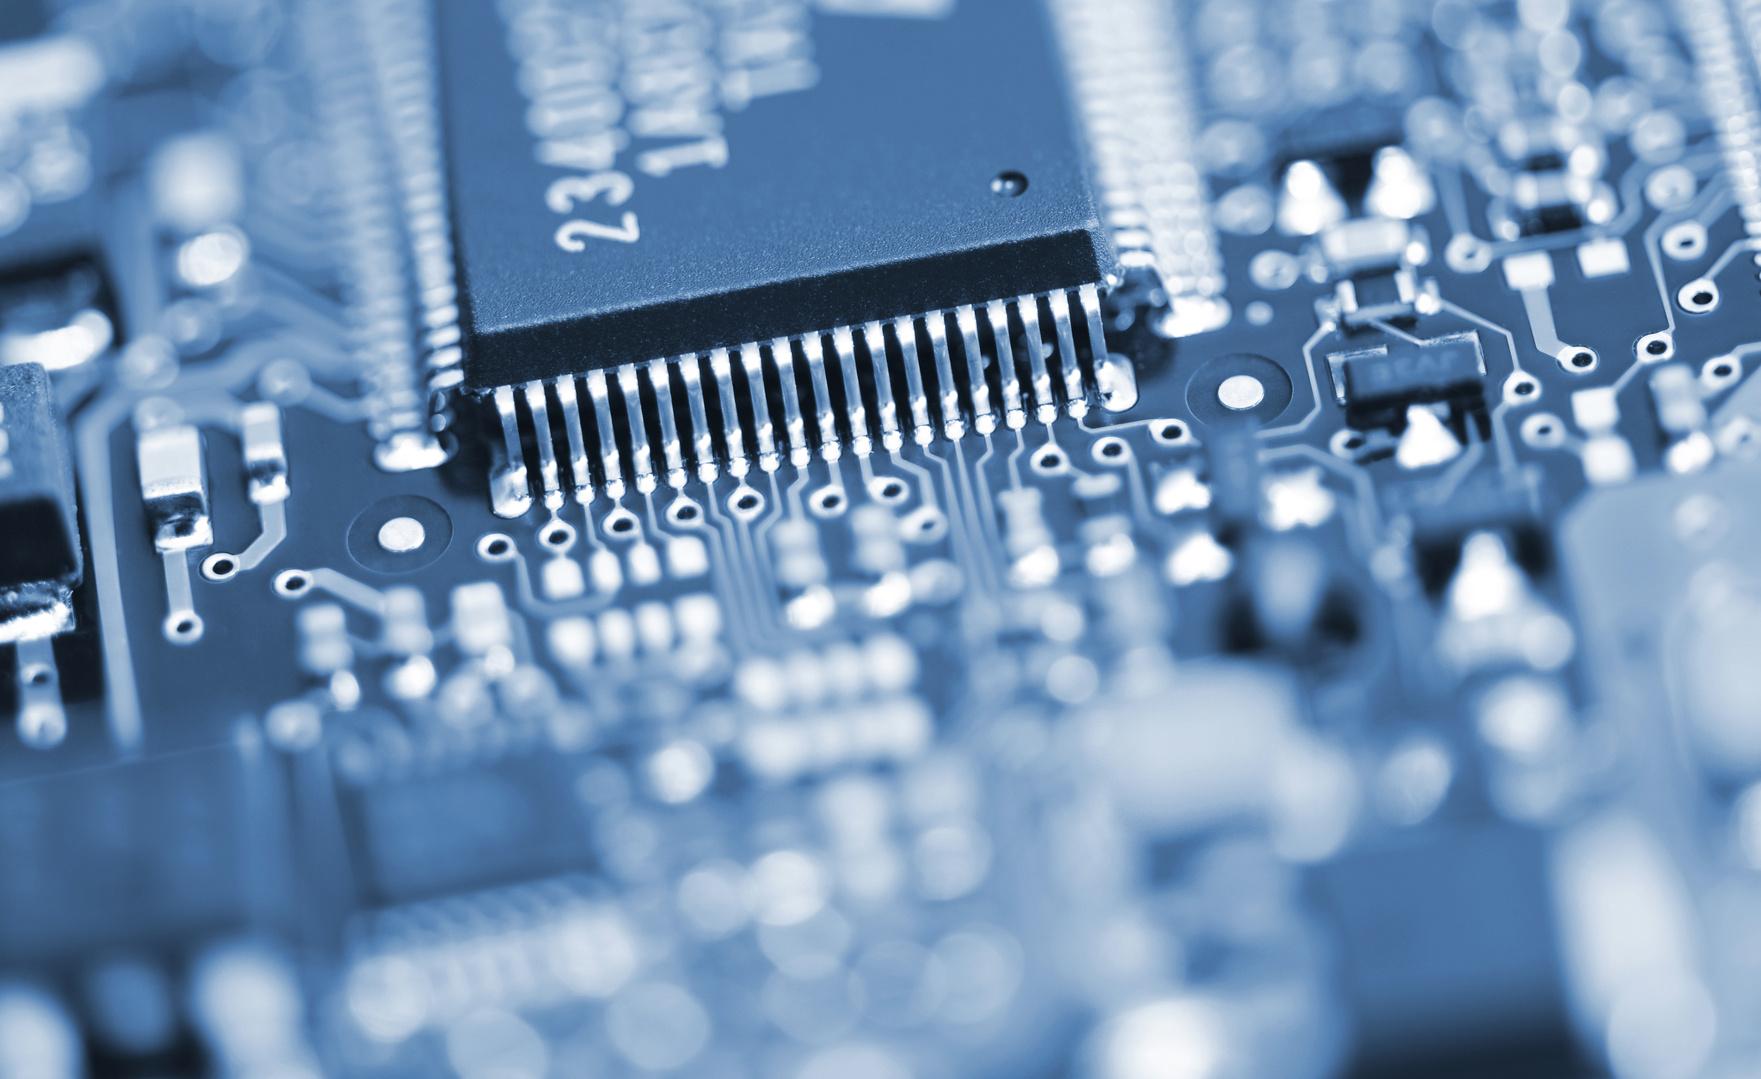 Elektronikindustrie